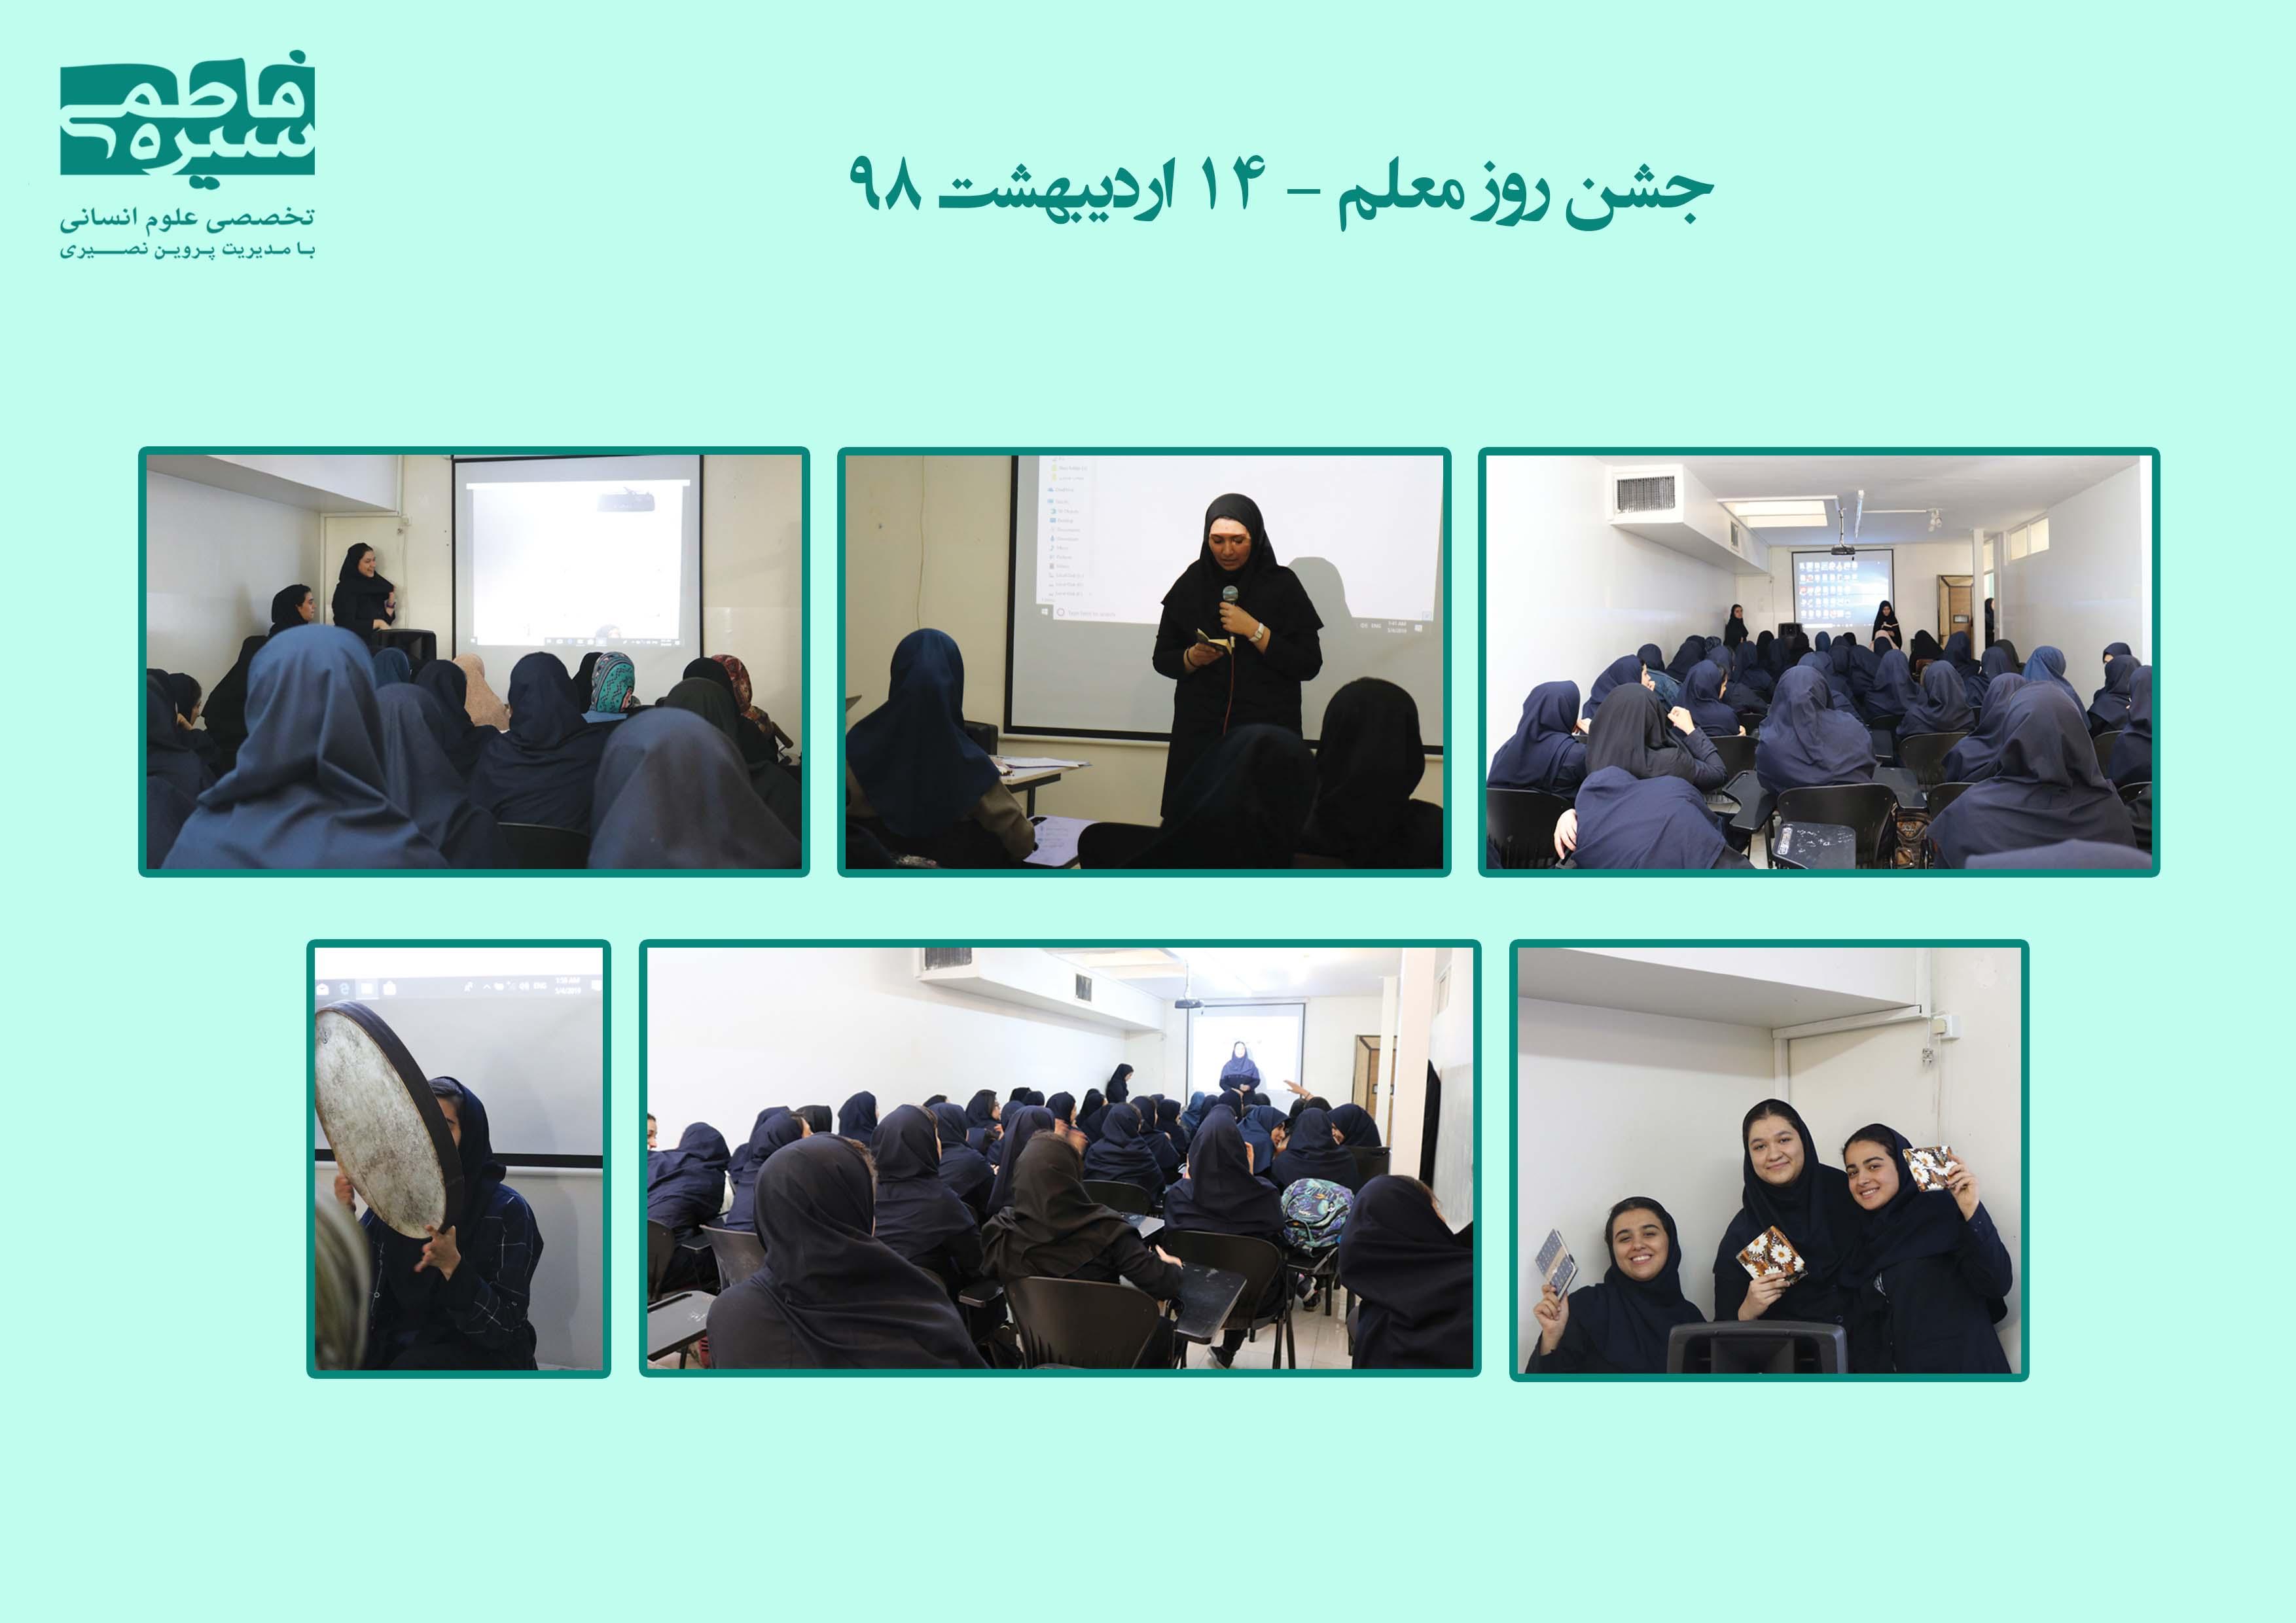 جشن روز معلم – ۱۴ اردیبهشت ۹۸